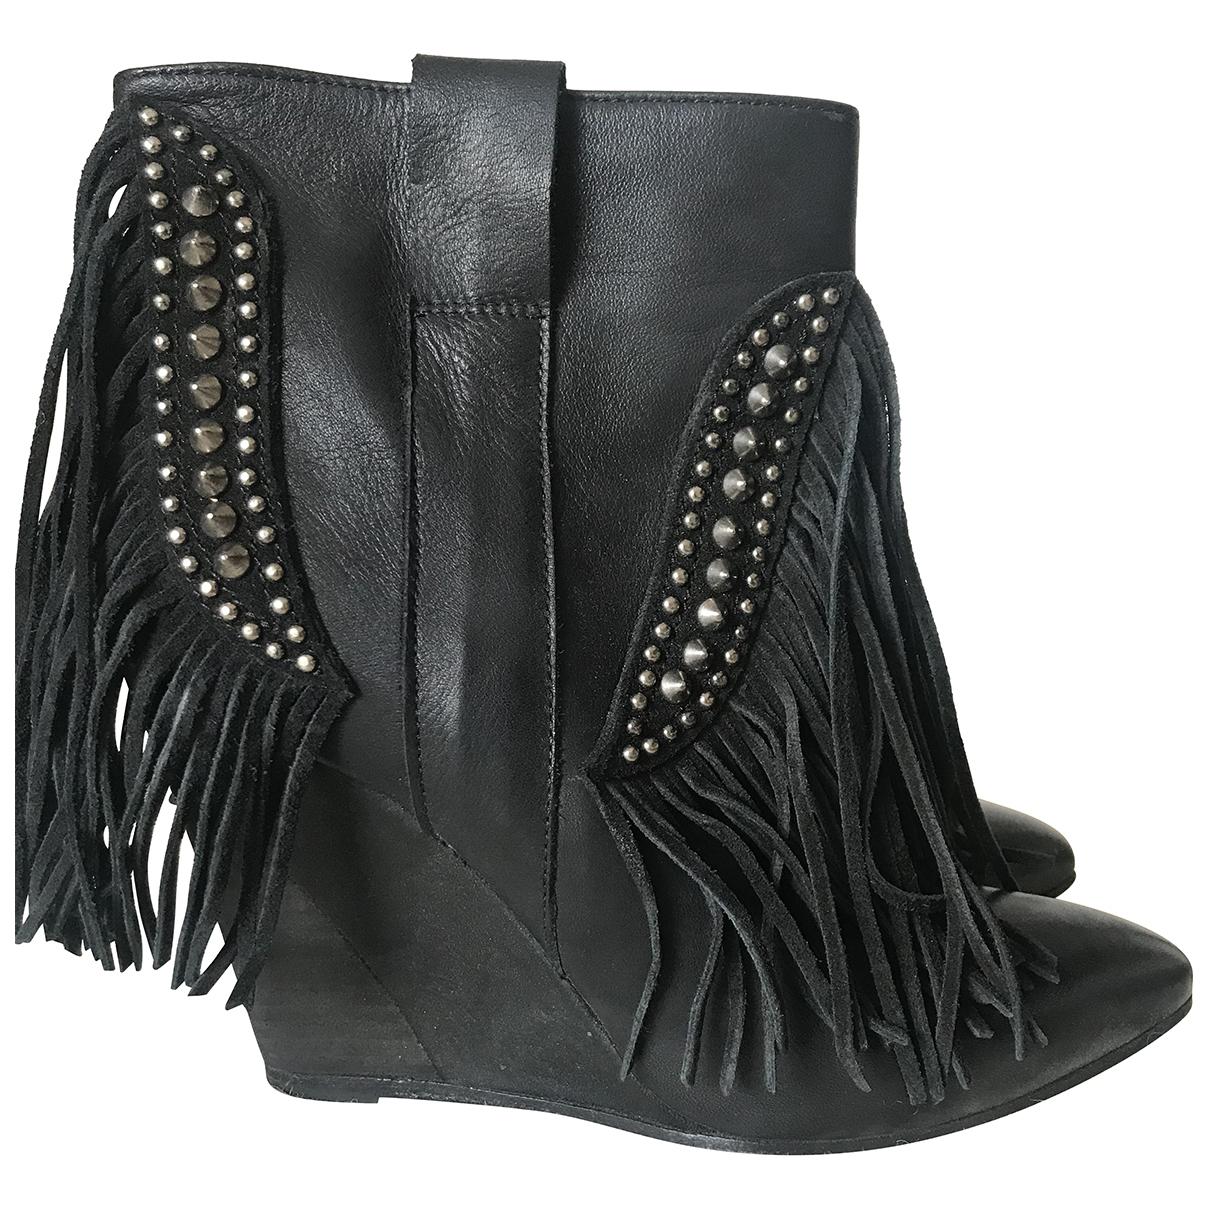 Garrice - Boots   pour femme en cuir - noir